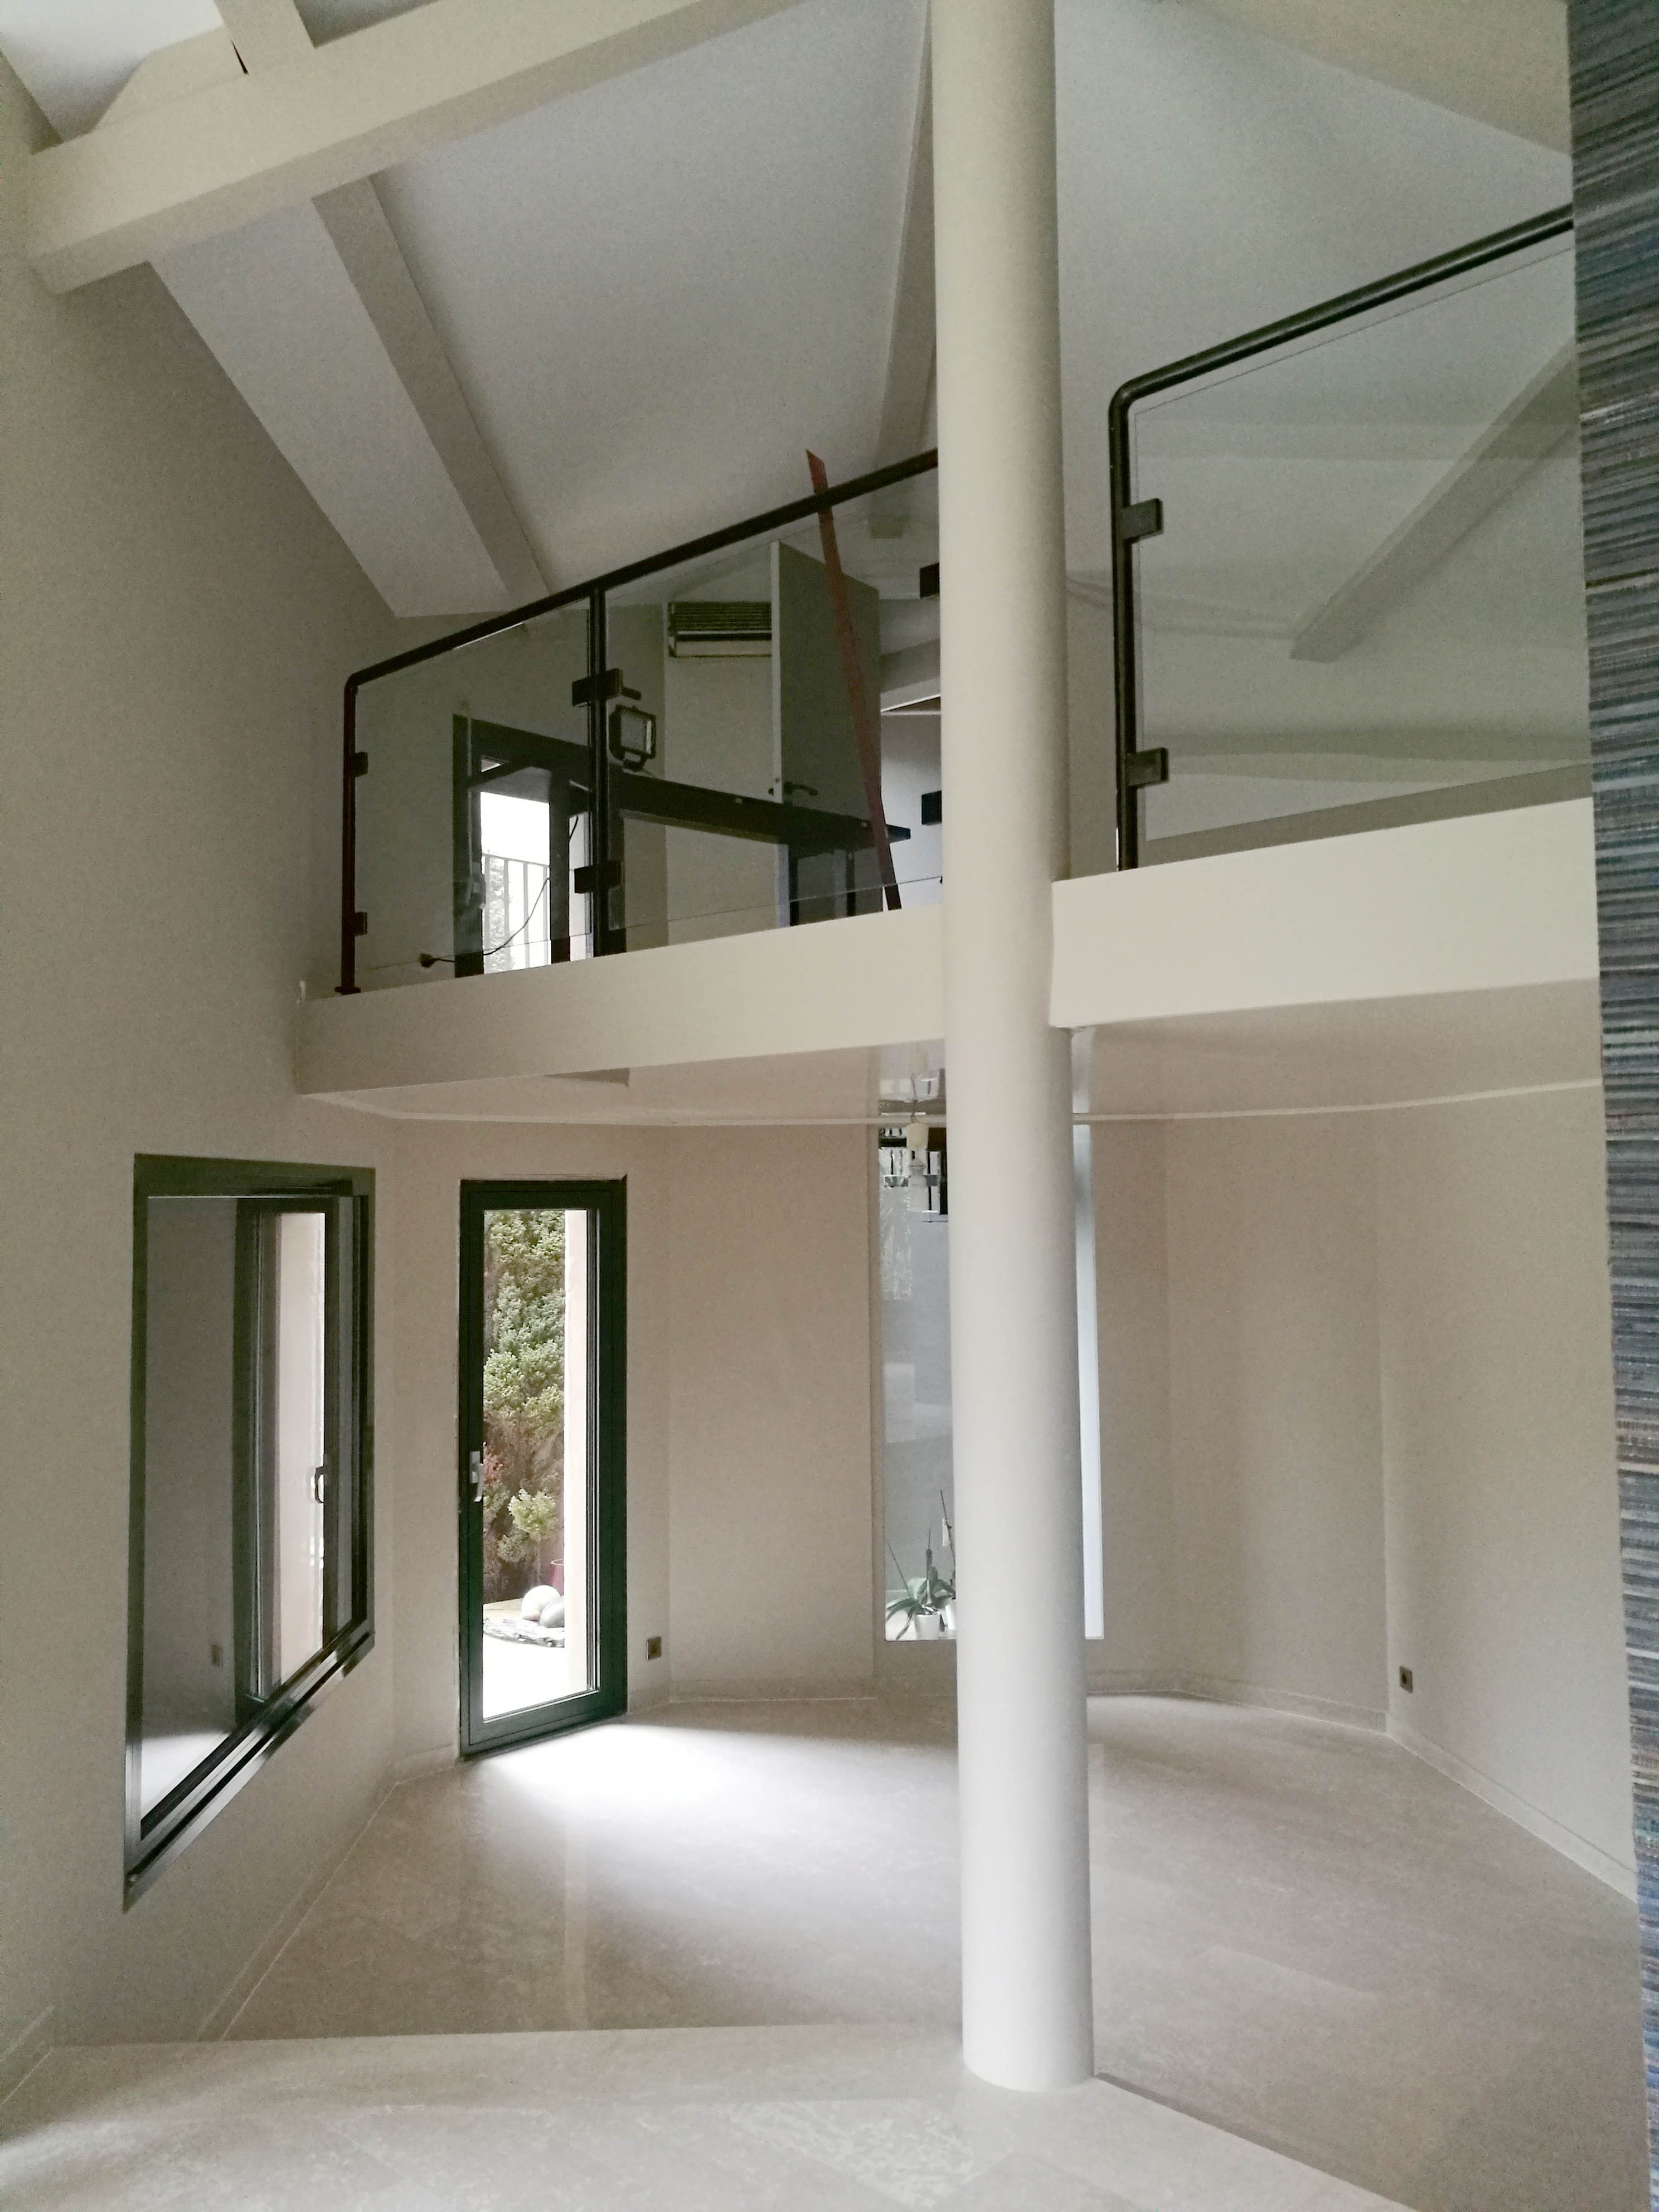 maison sainte foy l s lyon batiart cr ation. Black Bedroom Furniture Sets. Home Design Ideas